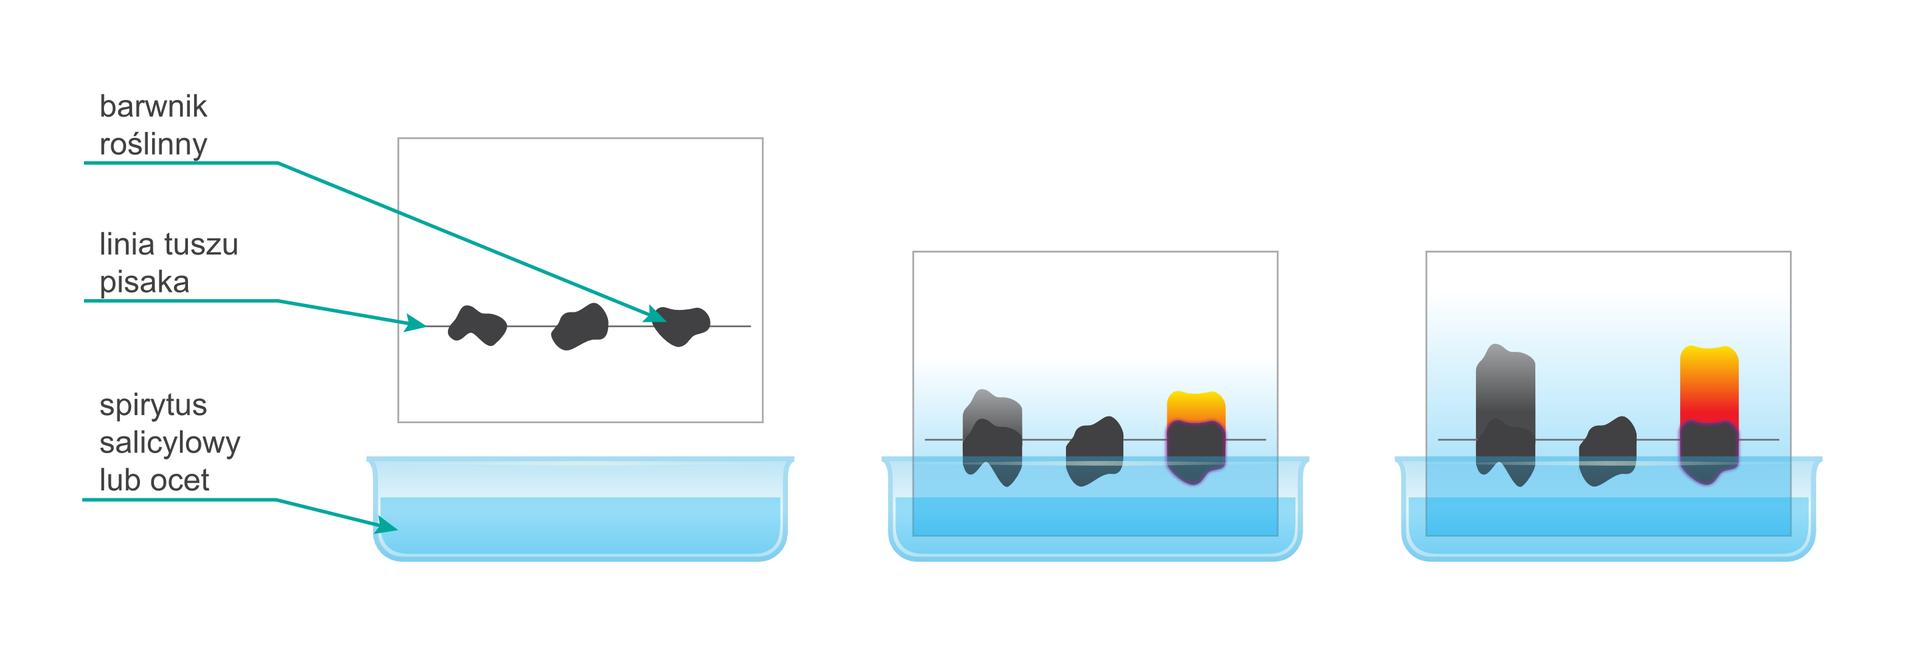 Fazy rozwijania chromatografu